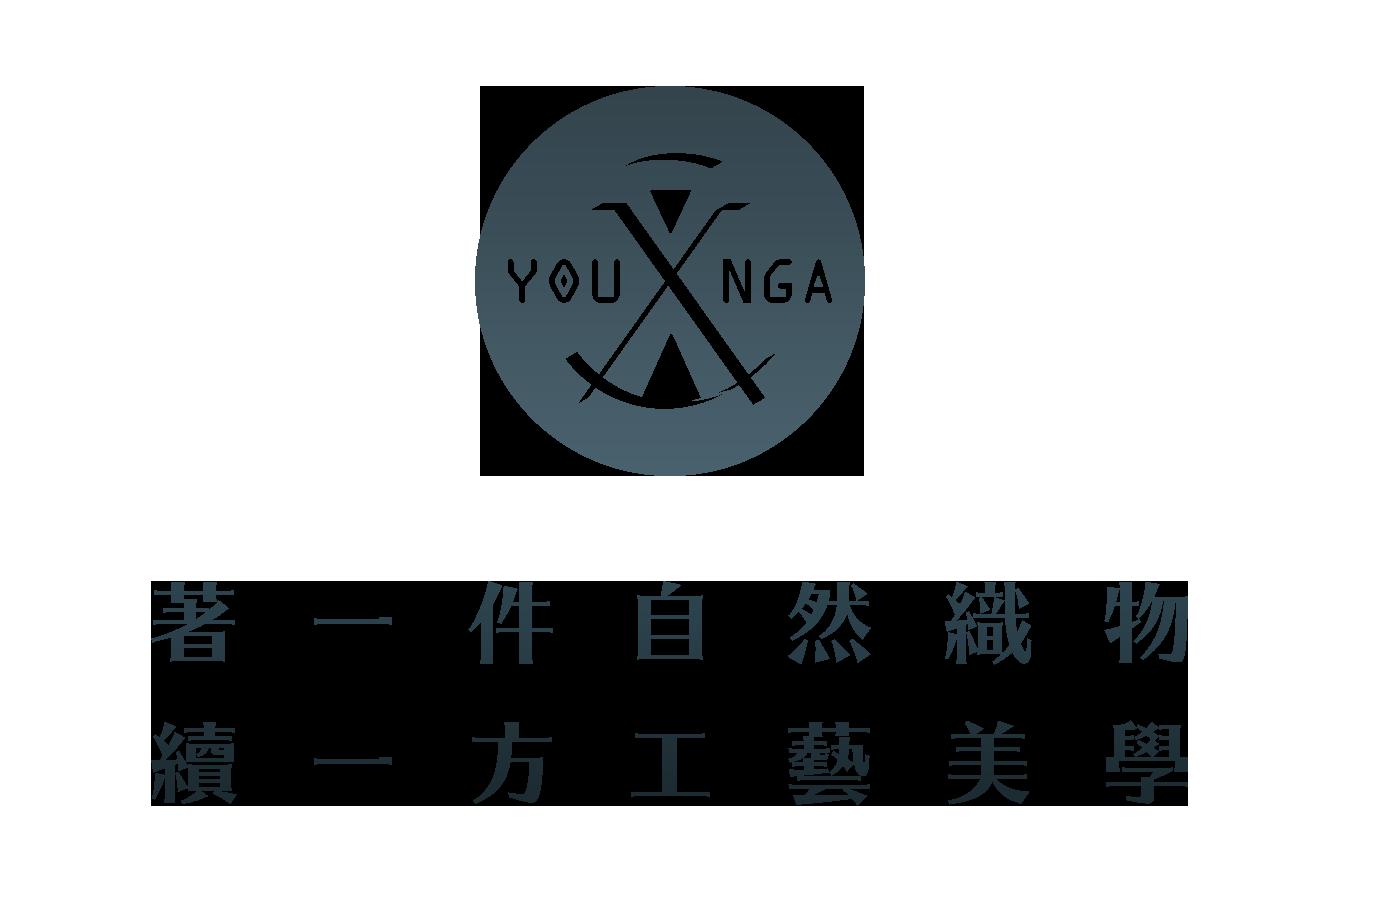 【 Y O U N G A 洋 嘎 】